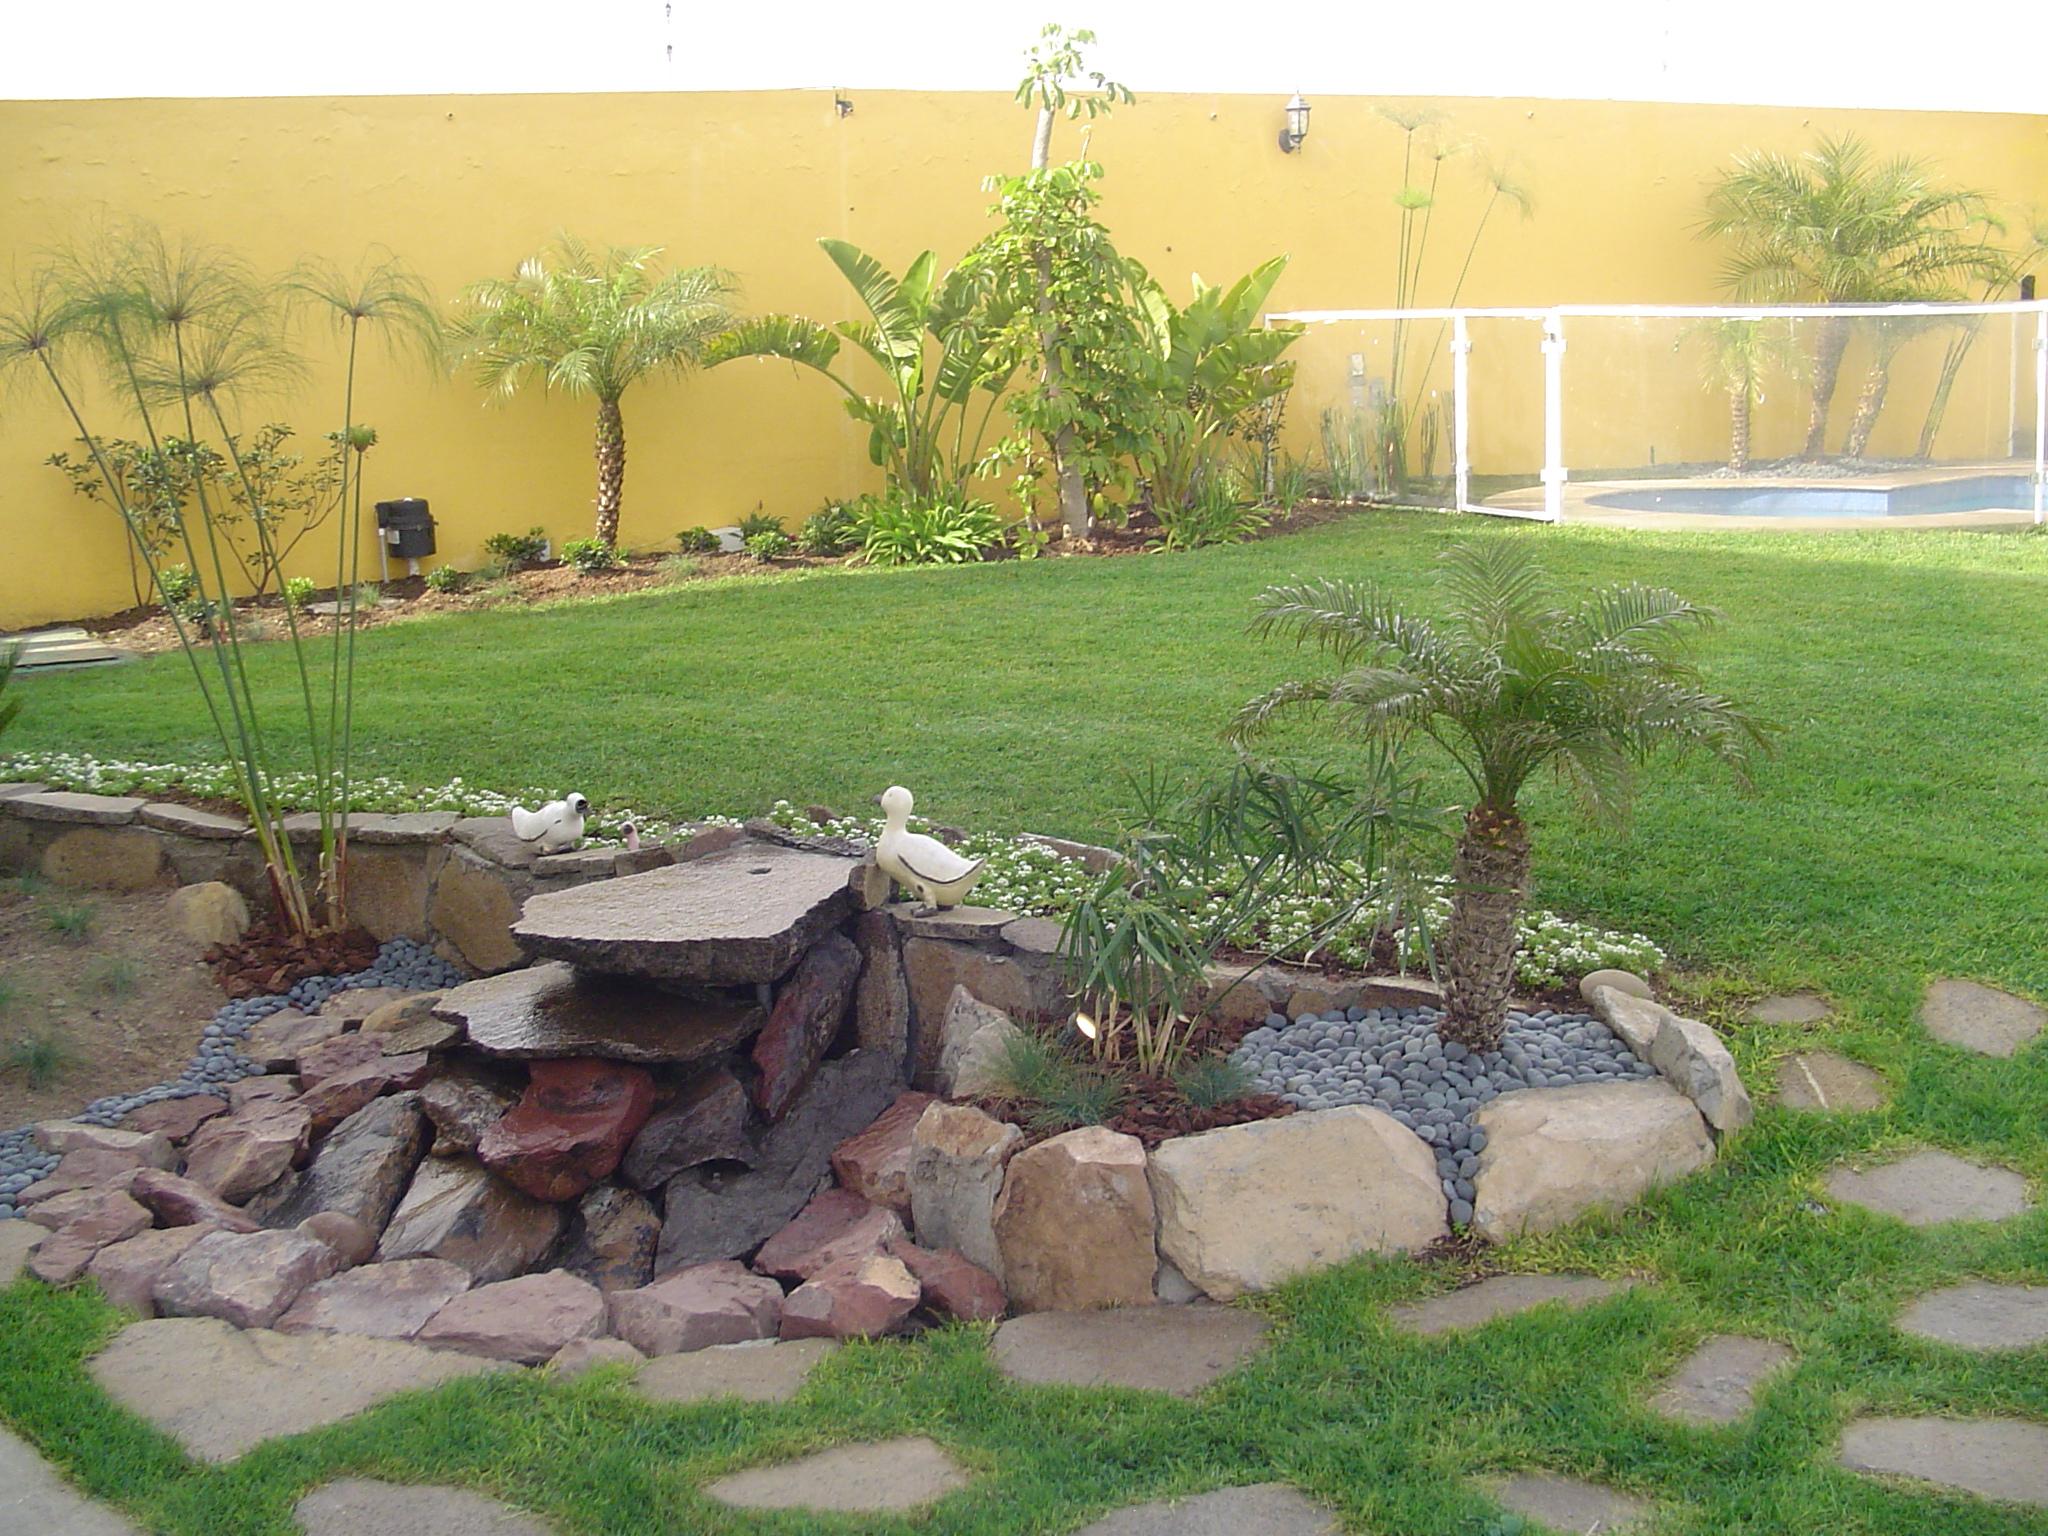 Venta de casas en tijuana infoisinfo autos weblog for Casa y jardin mexico